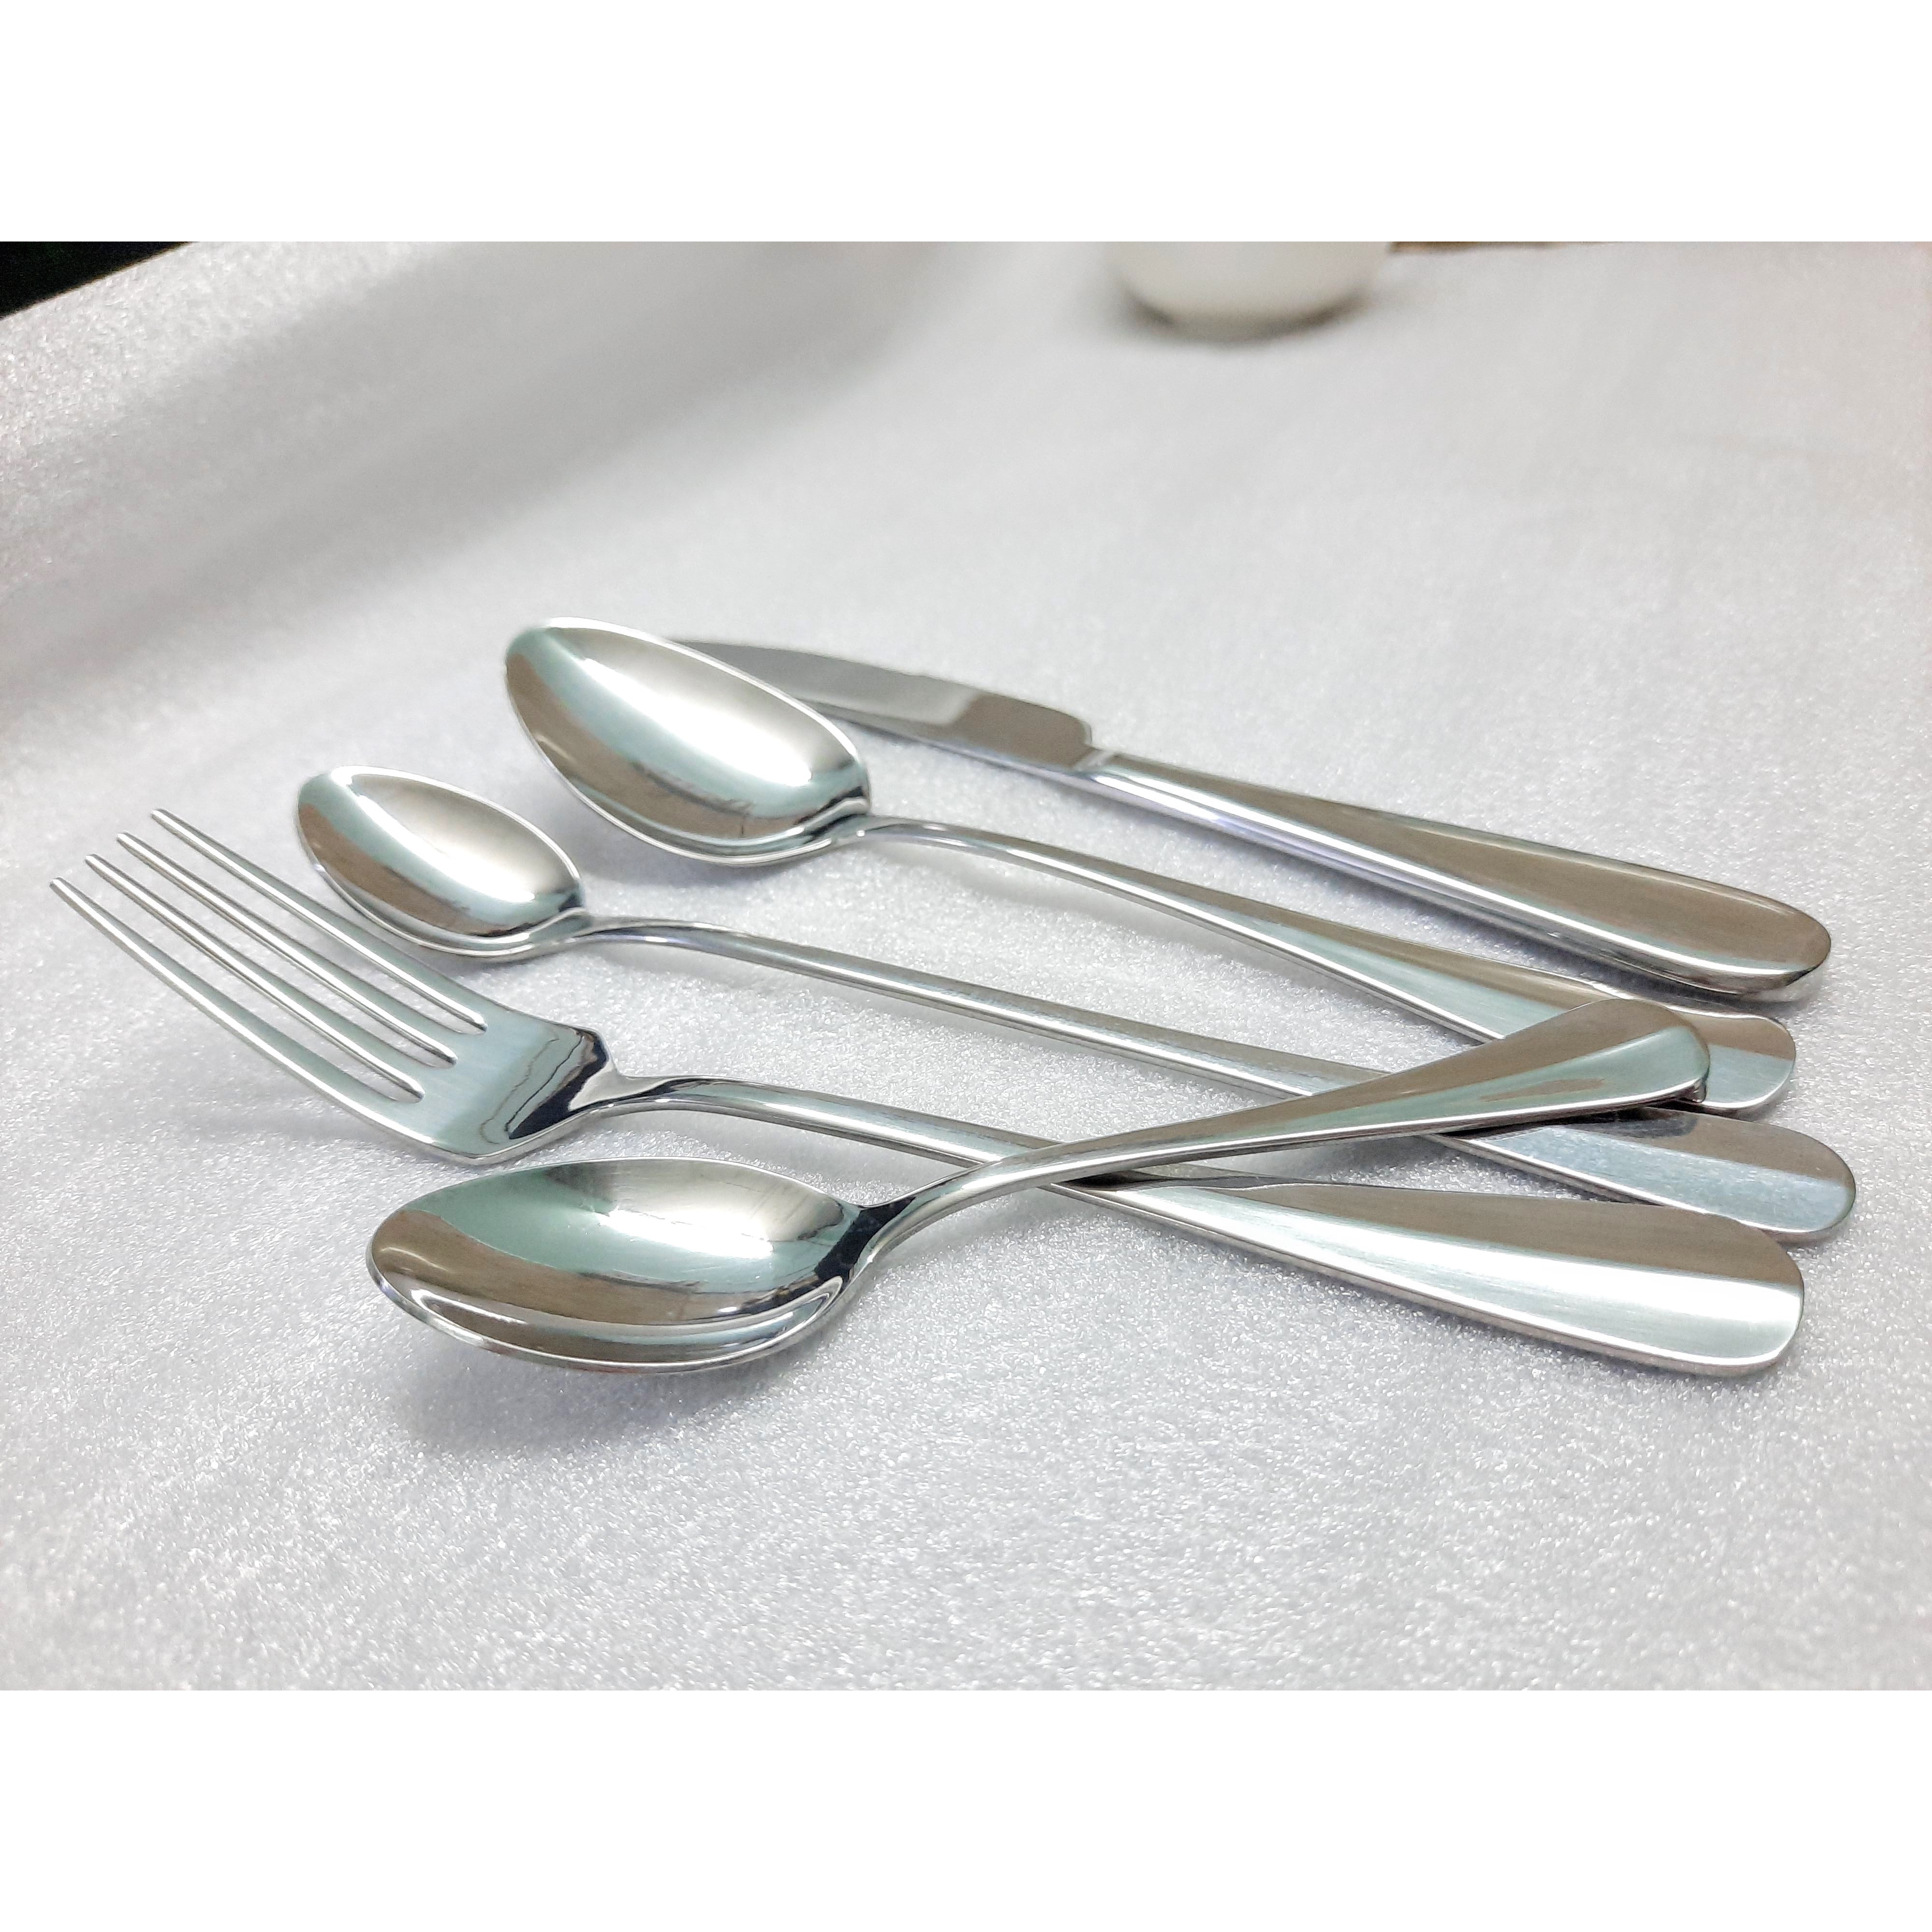 Bộ dao muỗng nĩa thiết kế gân giữa 5  cái tiện dụng